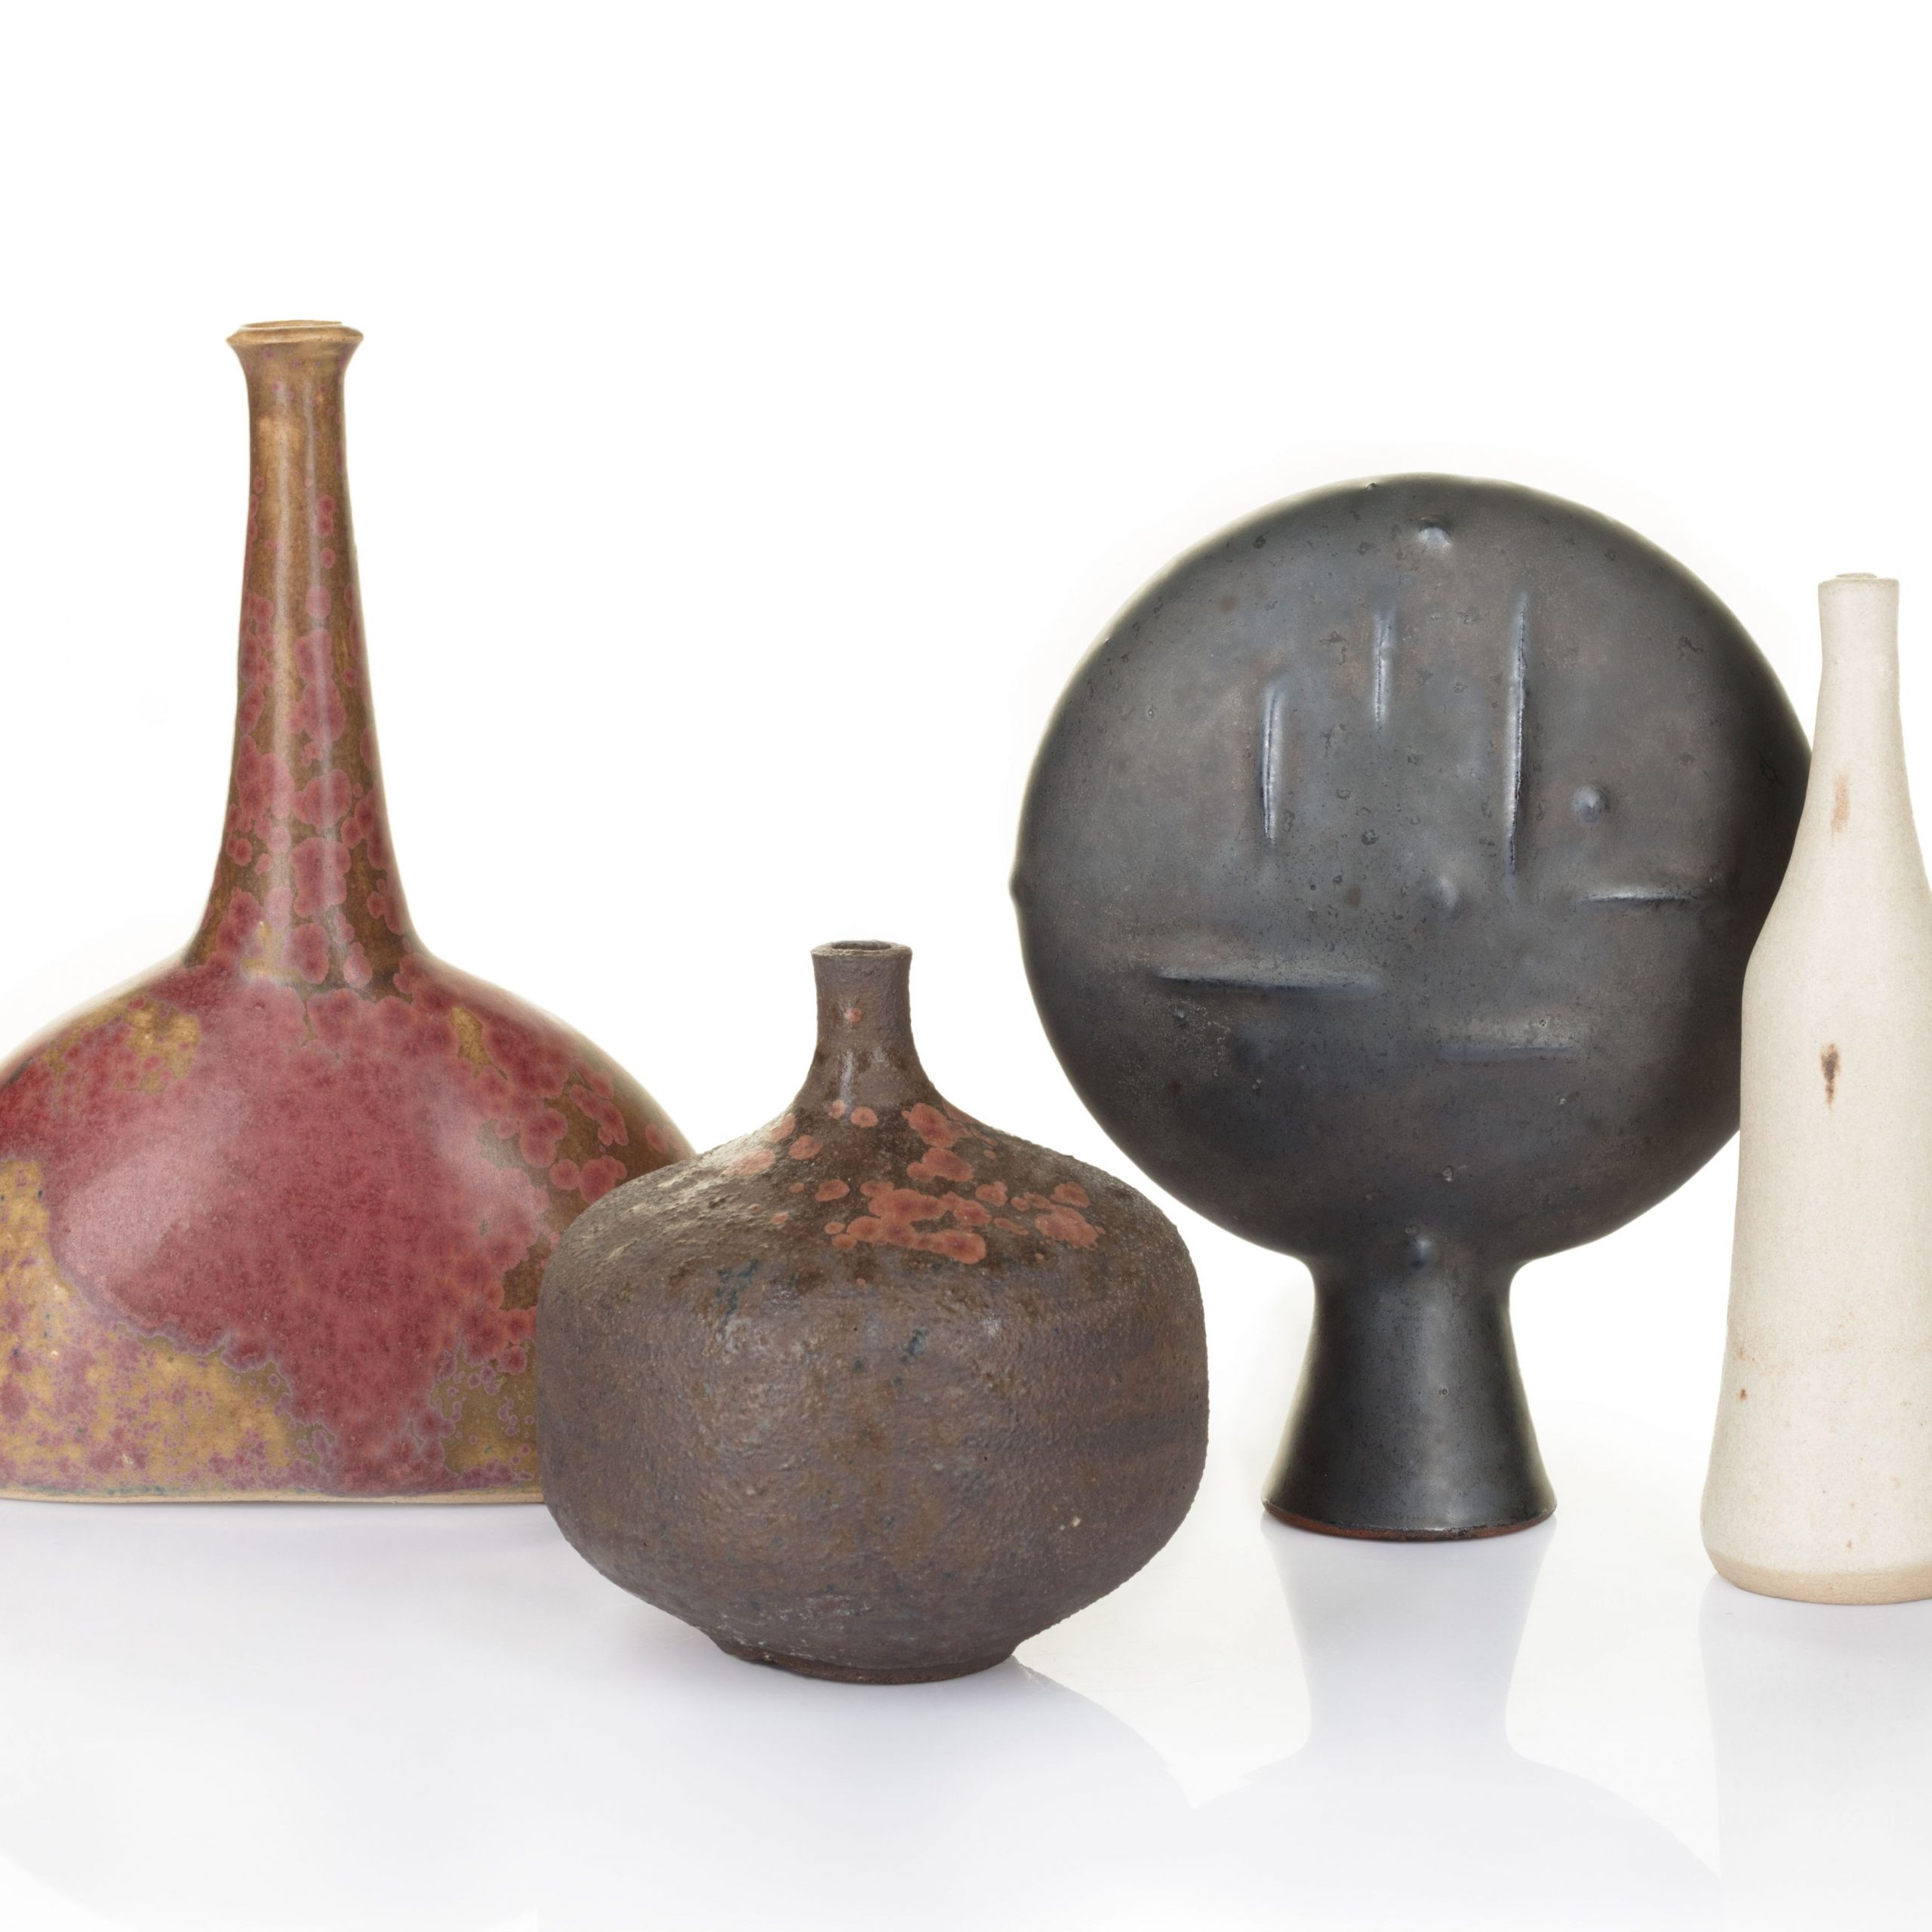 Keramiken von Gertrud Schneider-Kirilowitsch, © Manuel Thomé